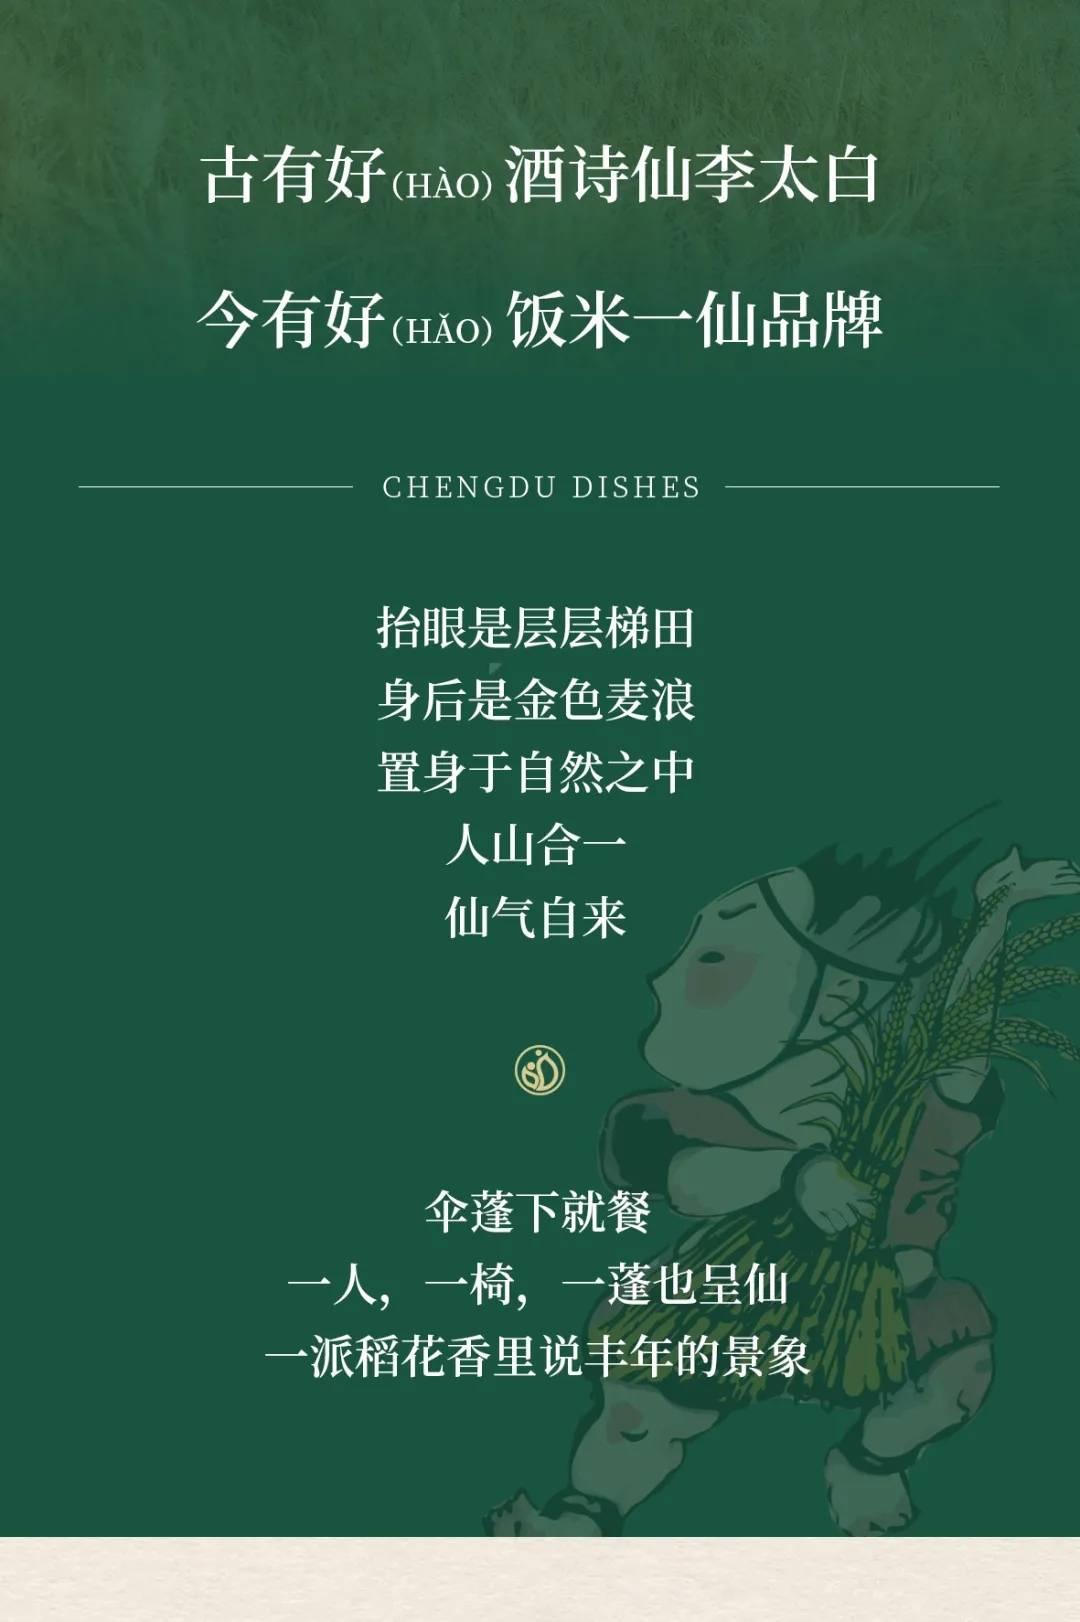 米一仙成都小碗菜 品牌介绍